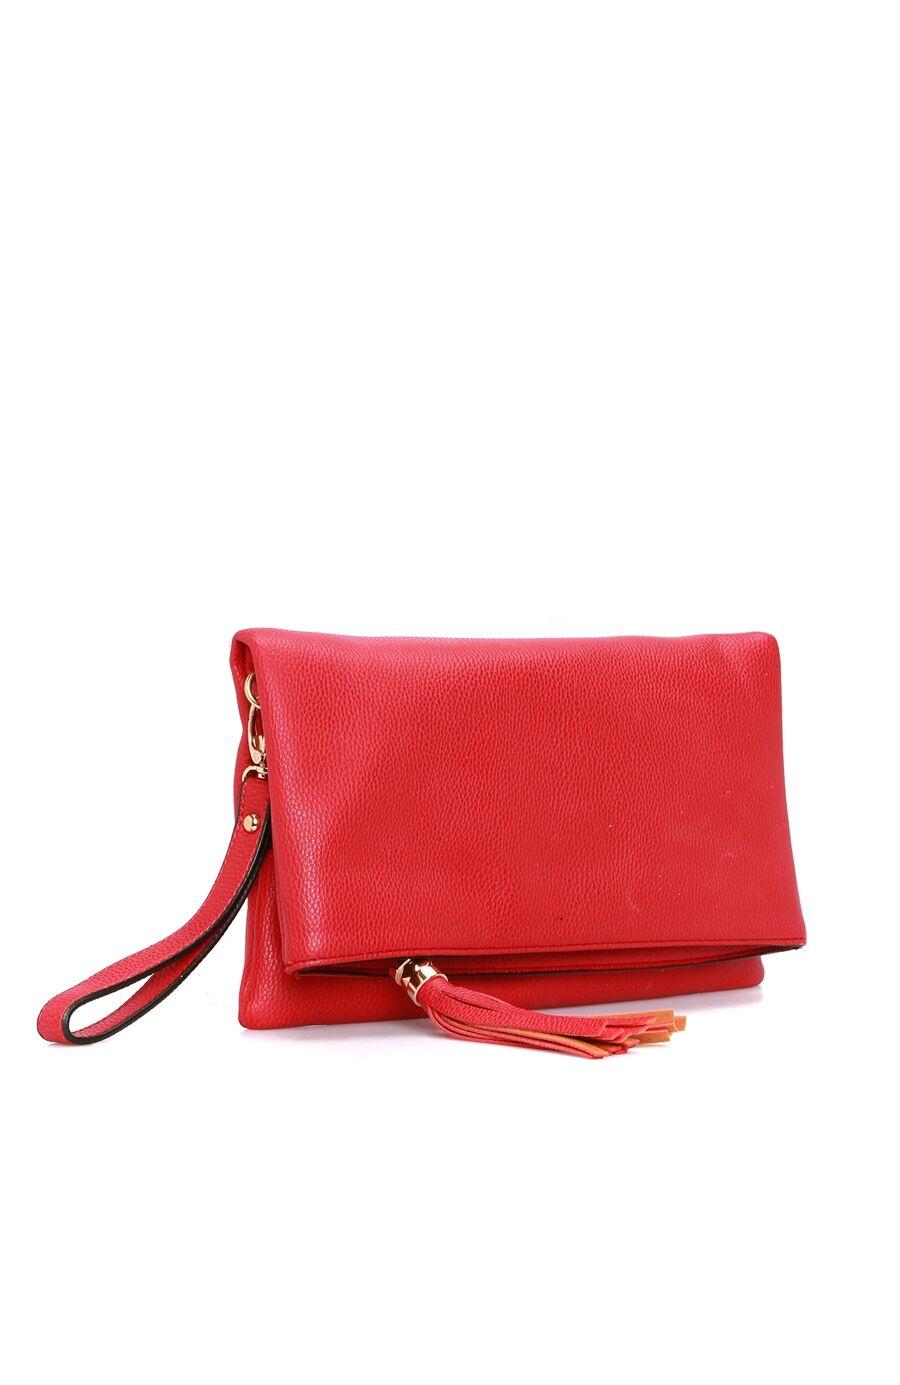 Kırmızı Kadın El Çantası